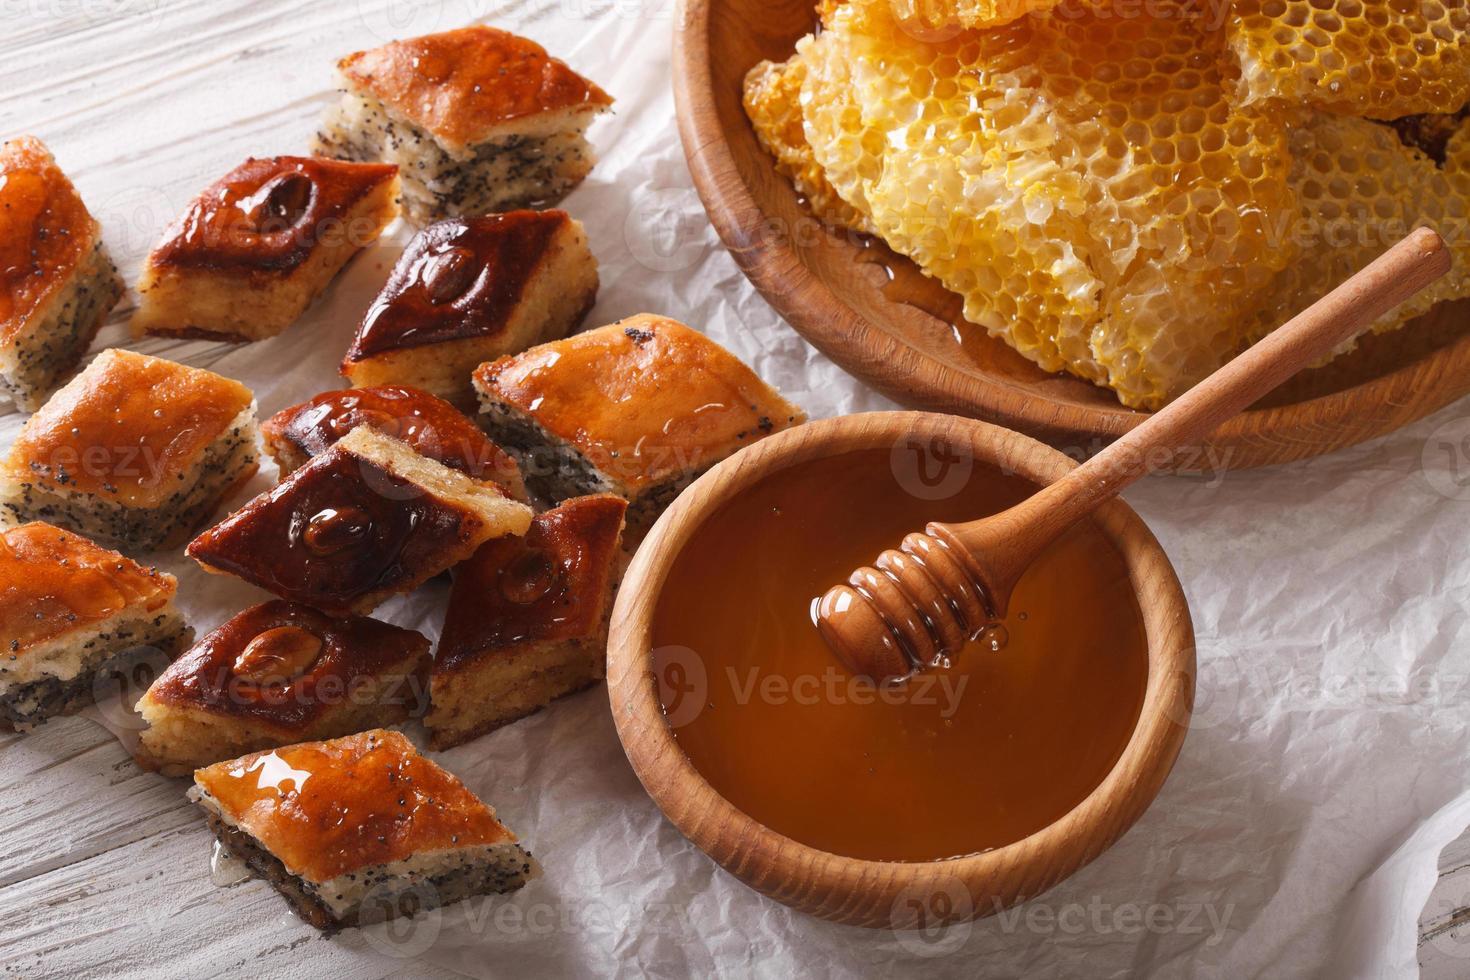 orientalische Süßigkeiten: Baklava mit Mohn und Nüssen und eine Wabe. foto